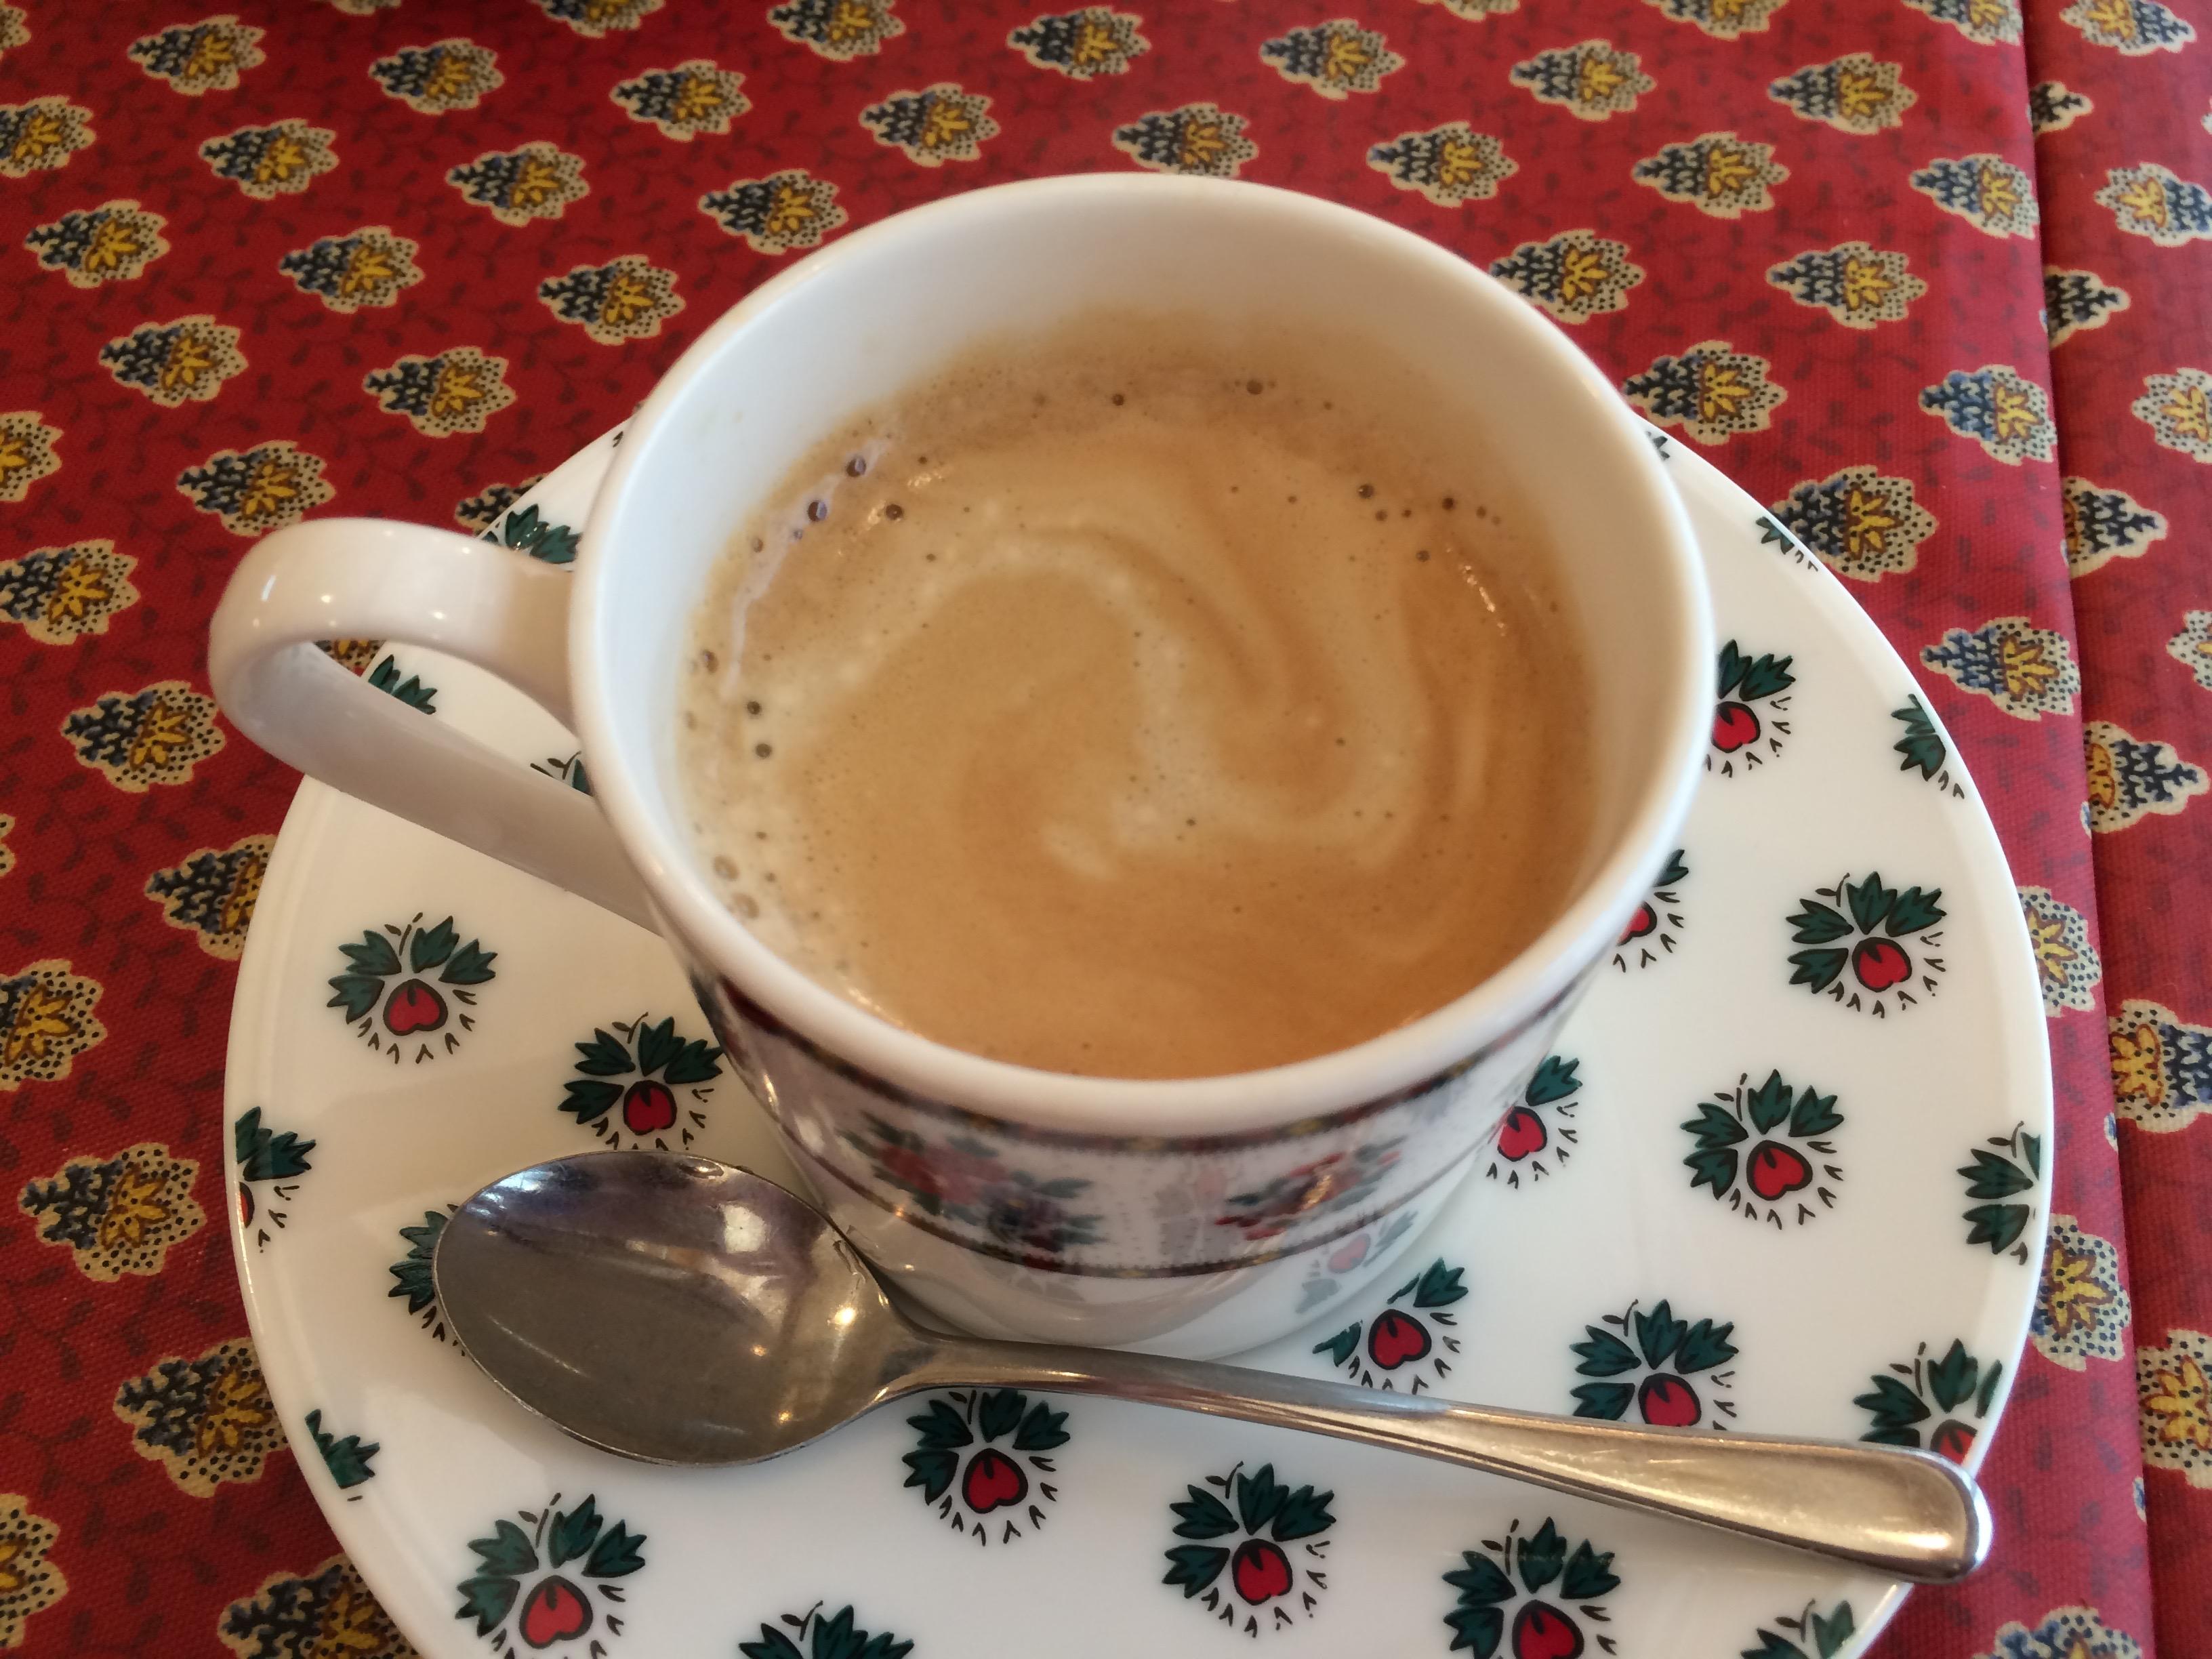 クッチーナラトリエコーヒー